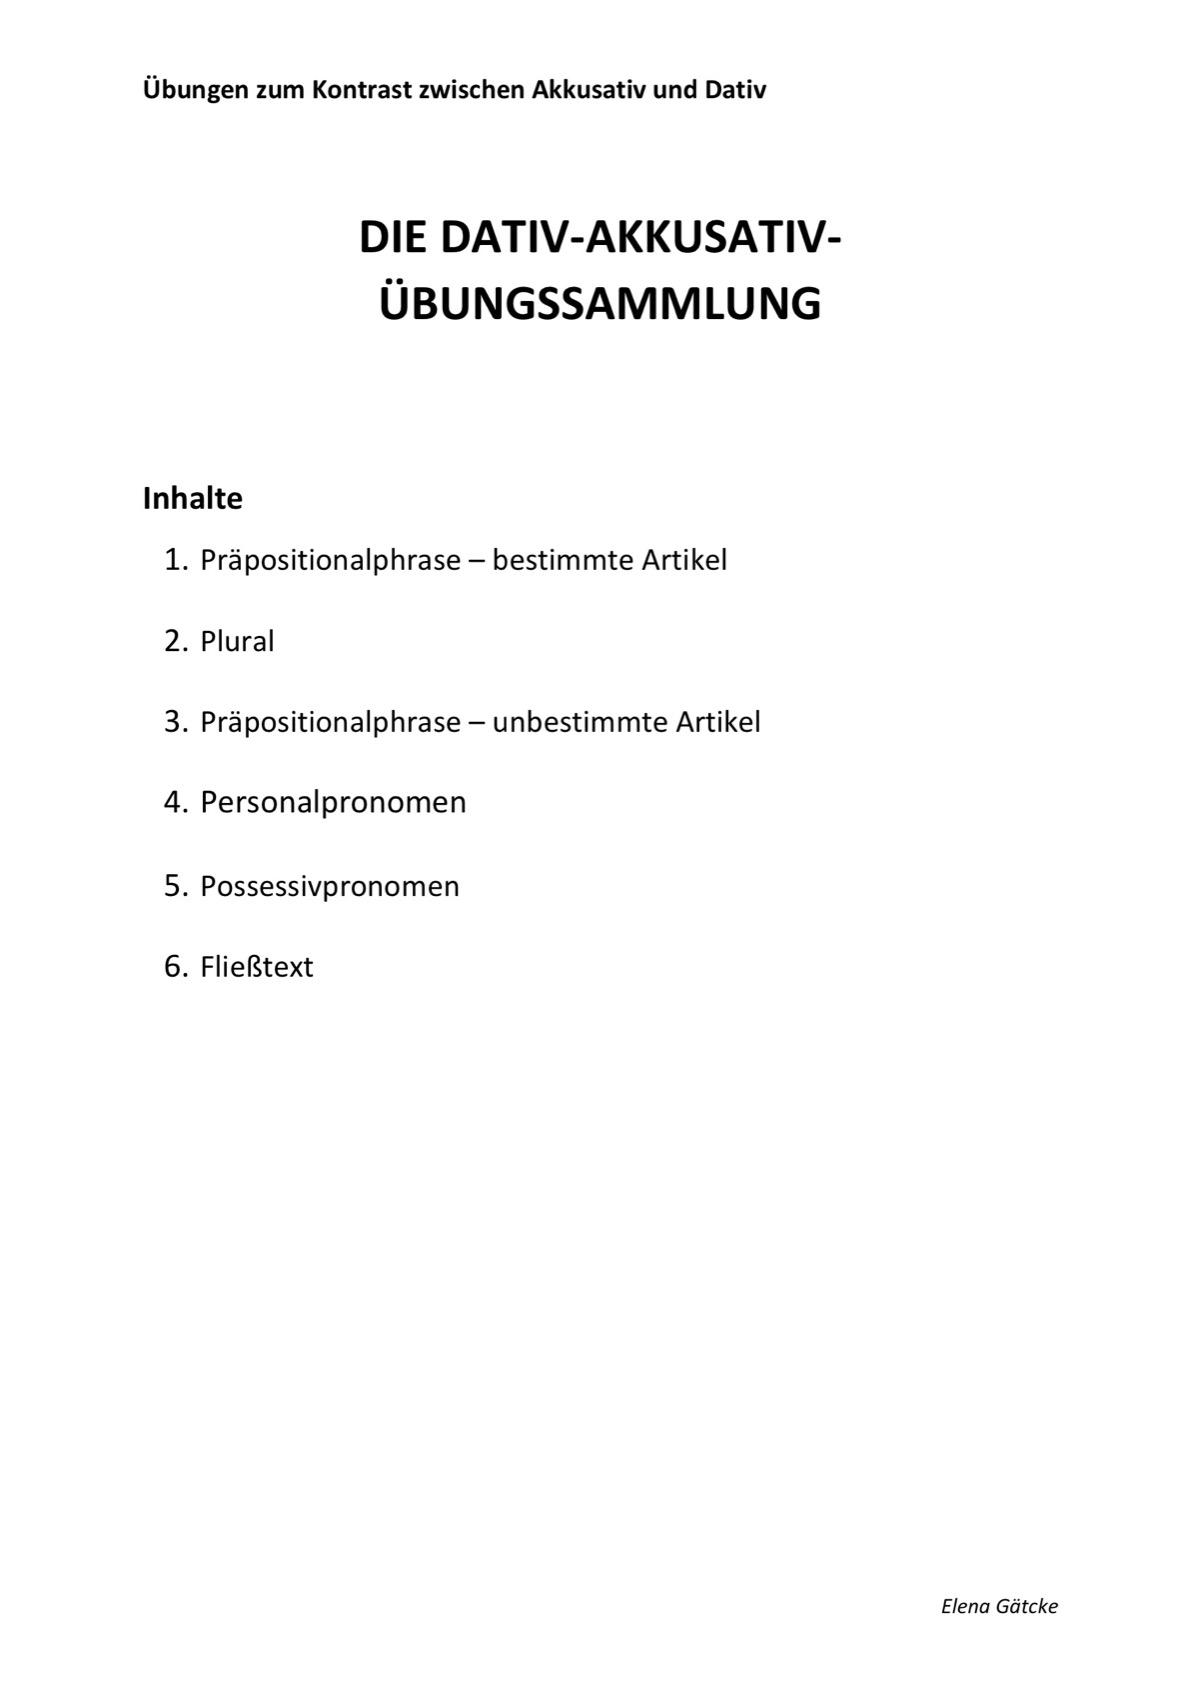 Sammlungen (Seite 3) mit Übungen zum Kontrast zwischen Akkusativ und ...